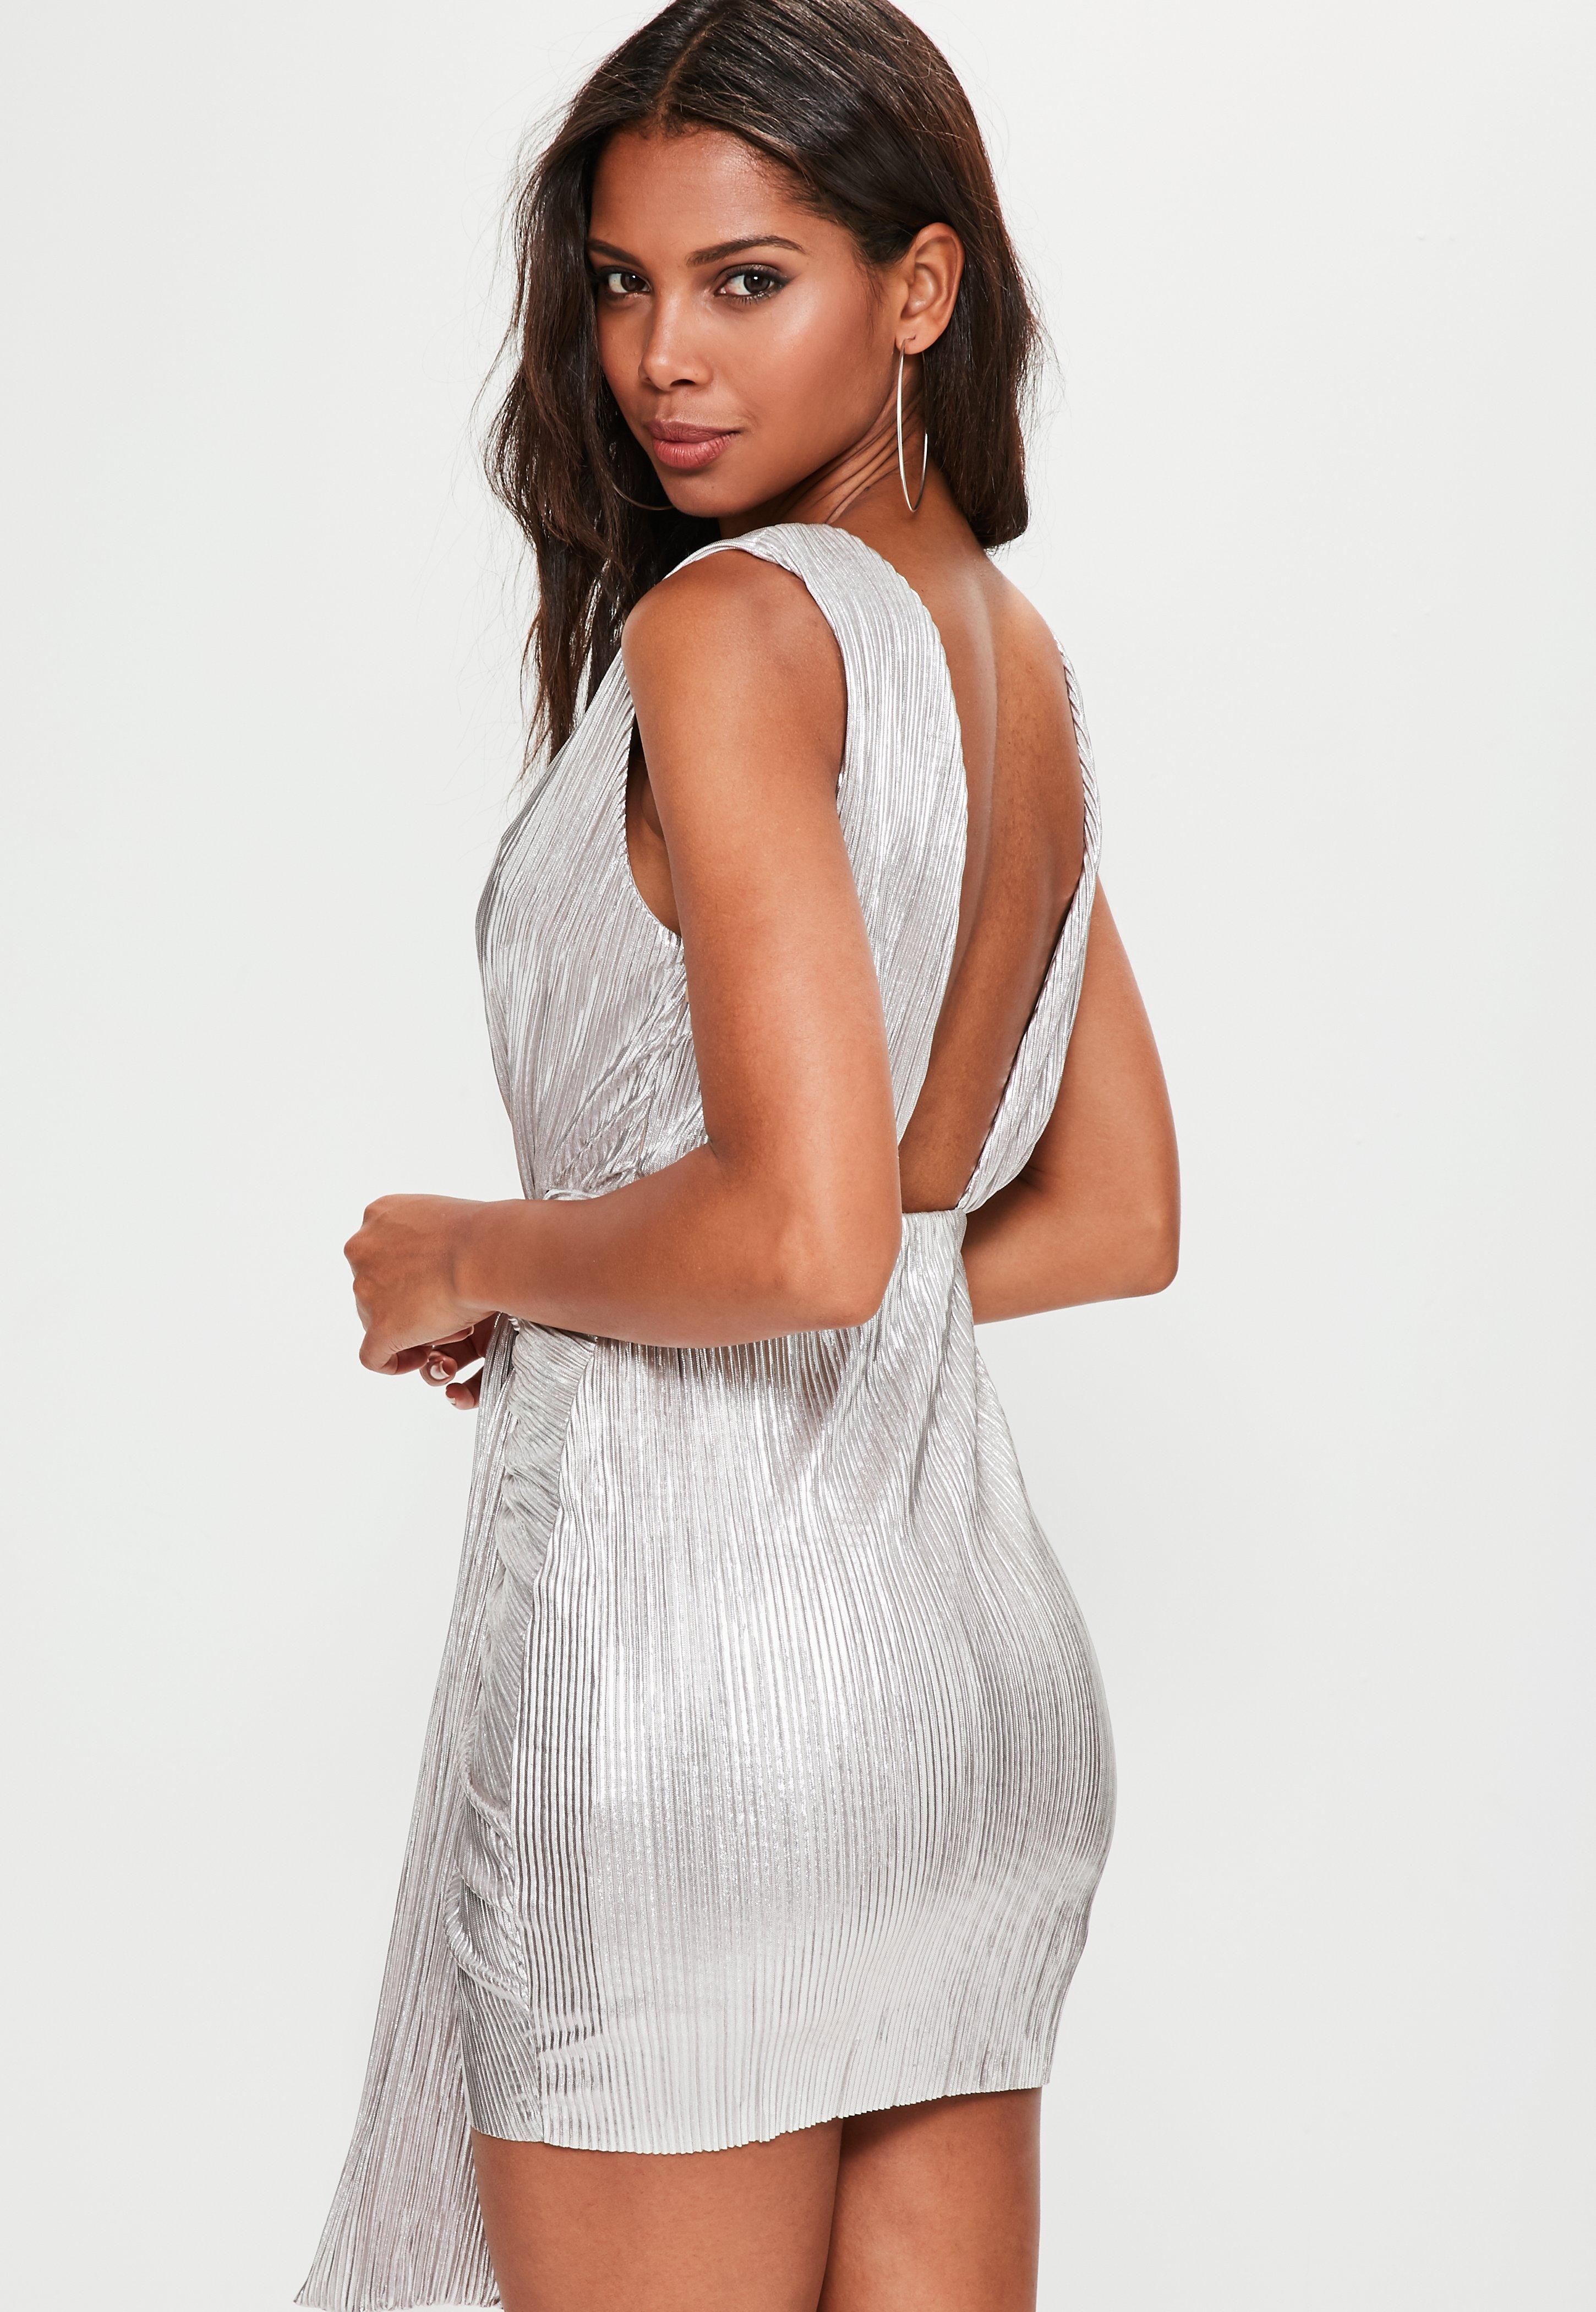 Lyst - Missguided Silver Metallic Pleated Mini Dress in Metallic 48196bb93